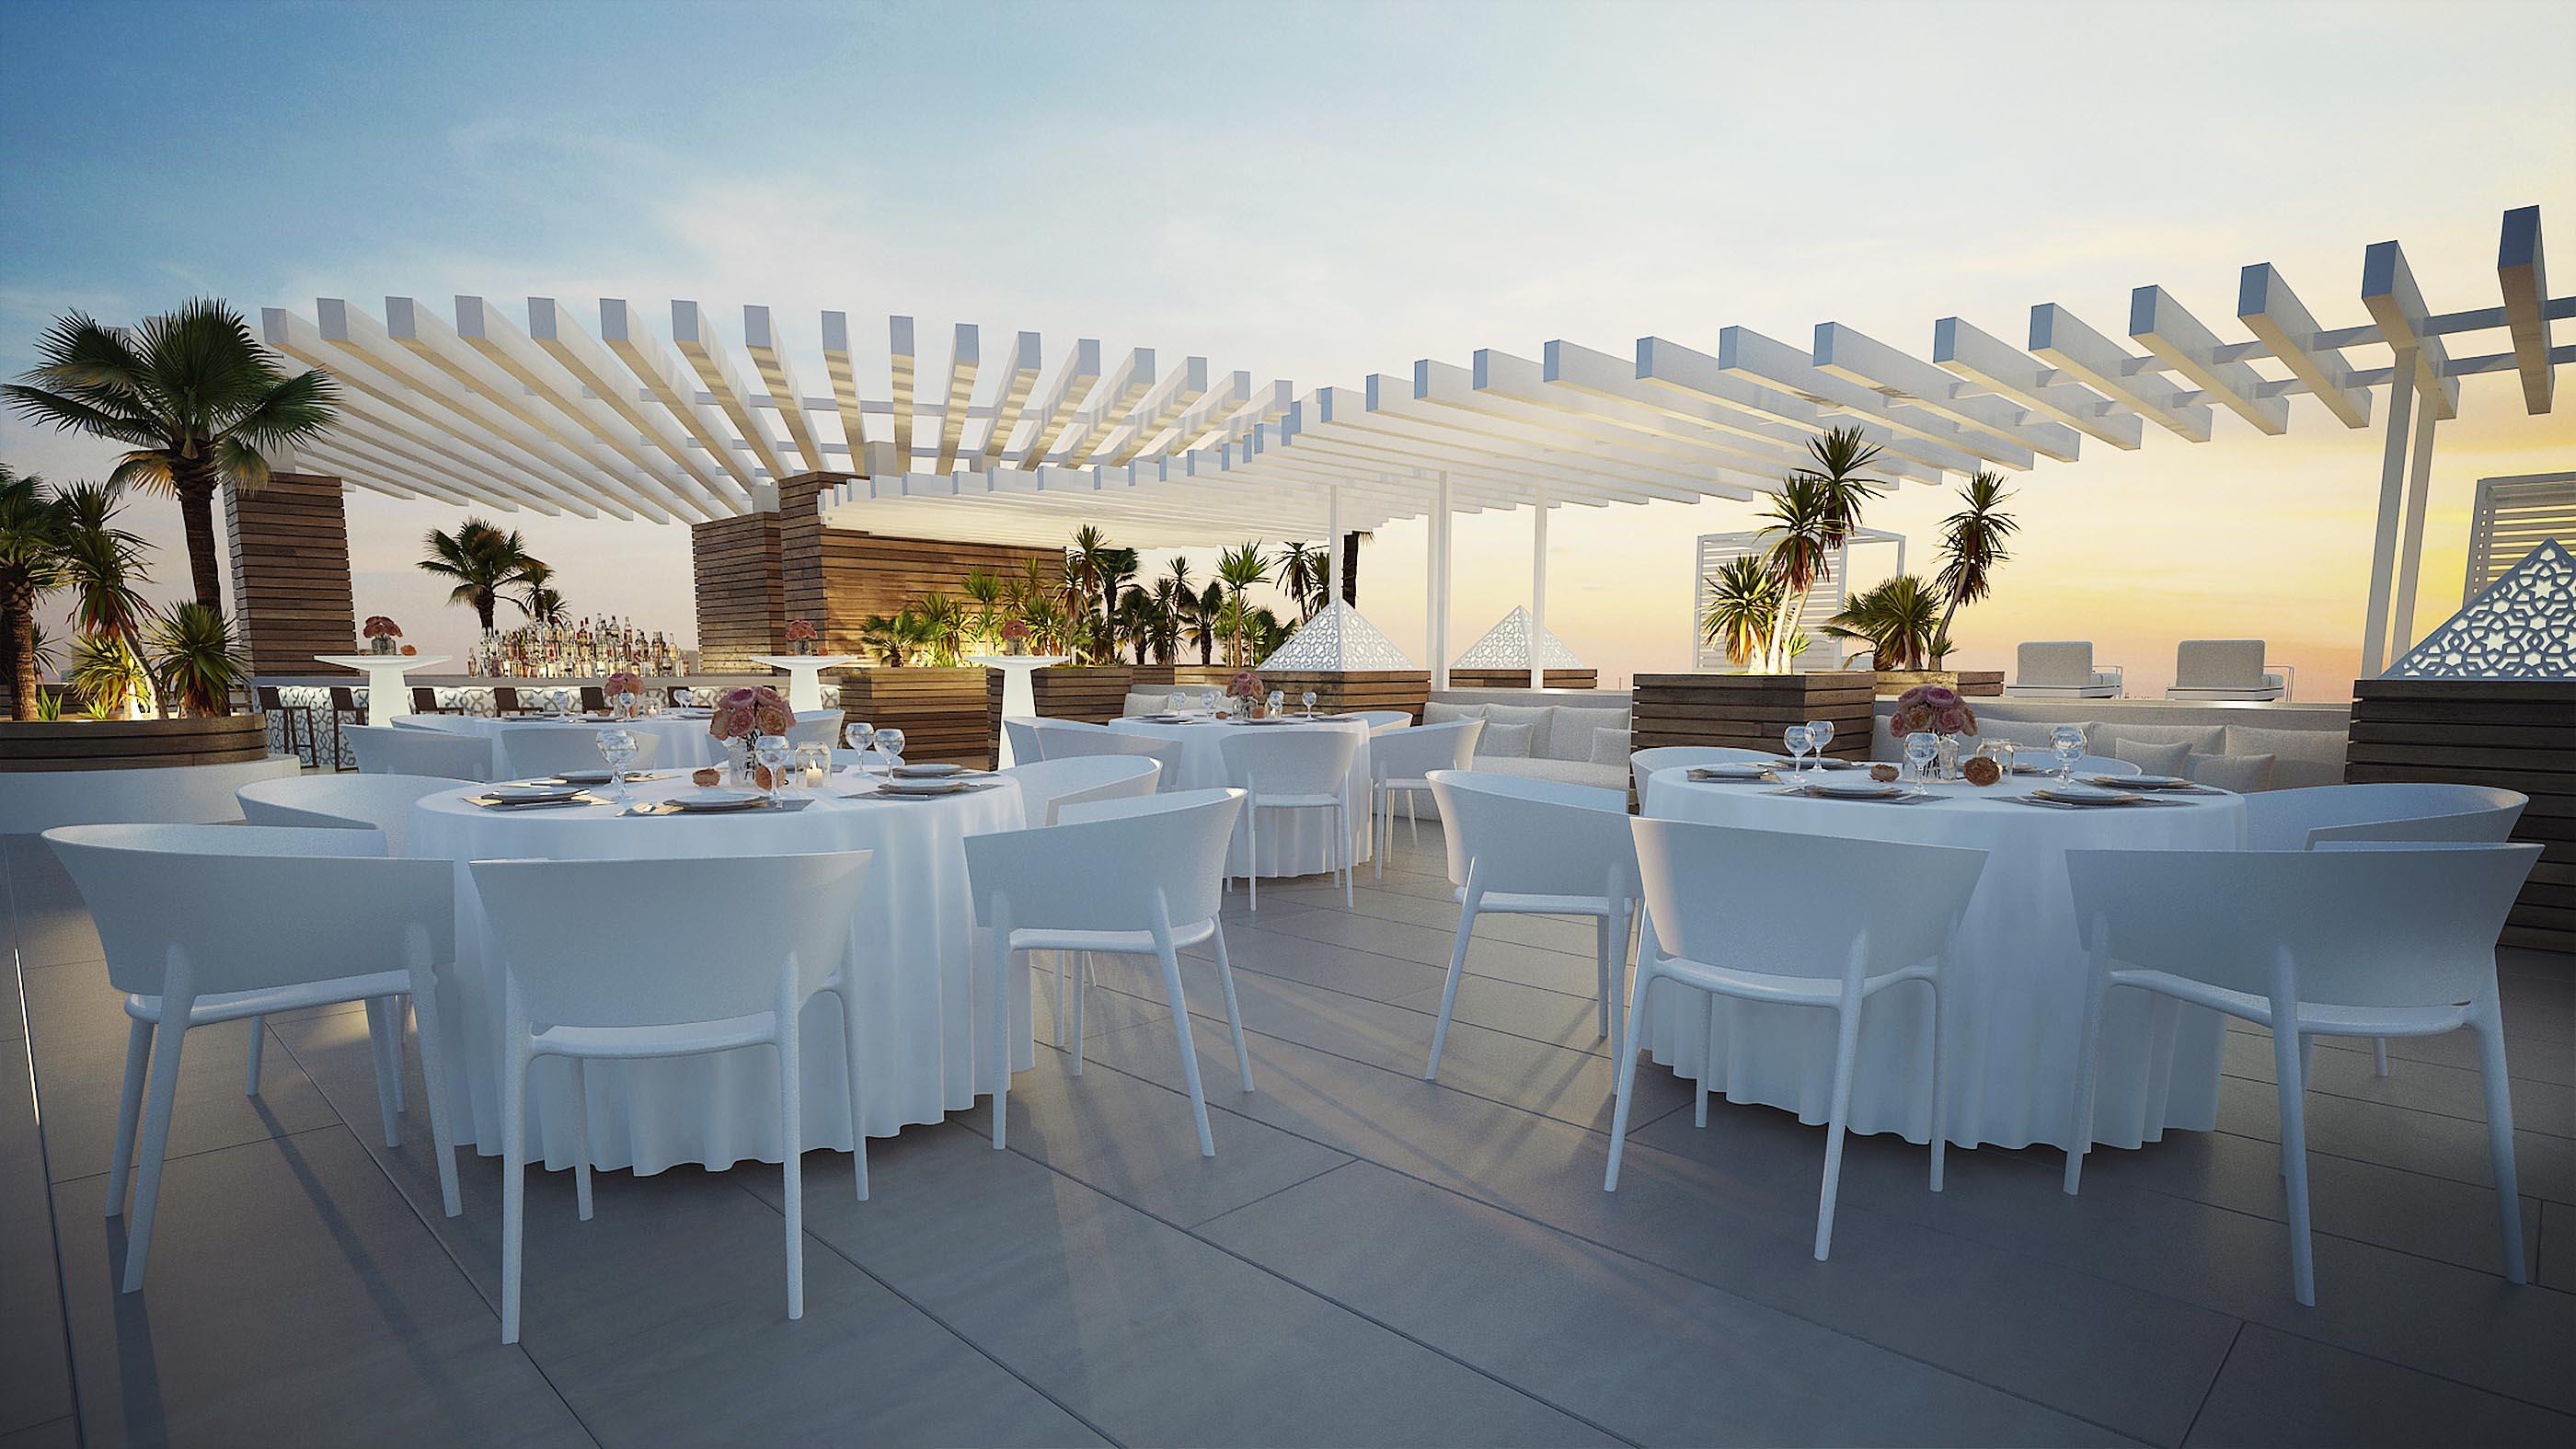 Terraza Behaven Hotel Barceló Cabo De Gata